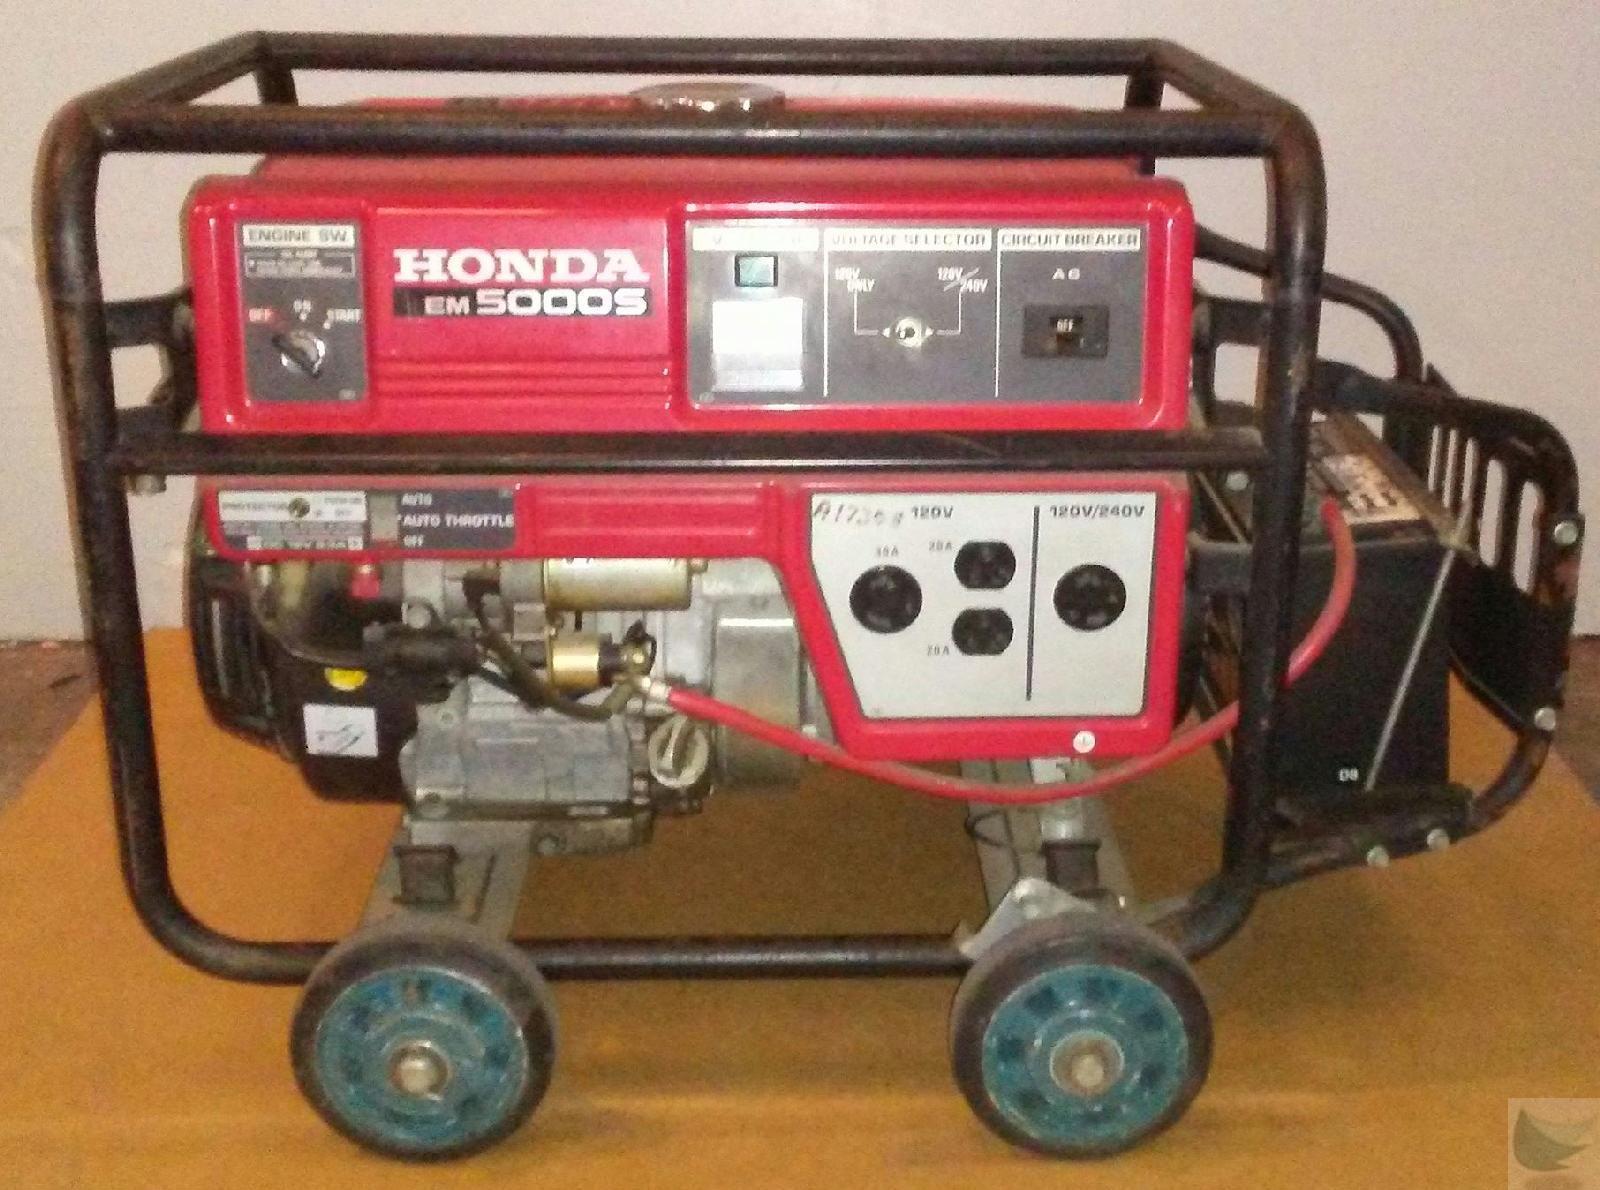 honda em5000s gasoline generator 5000 watts 120 240v. Black Bedroom Furniture Sets. Home Design Ideas